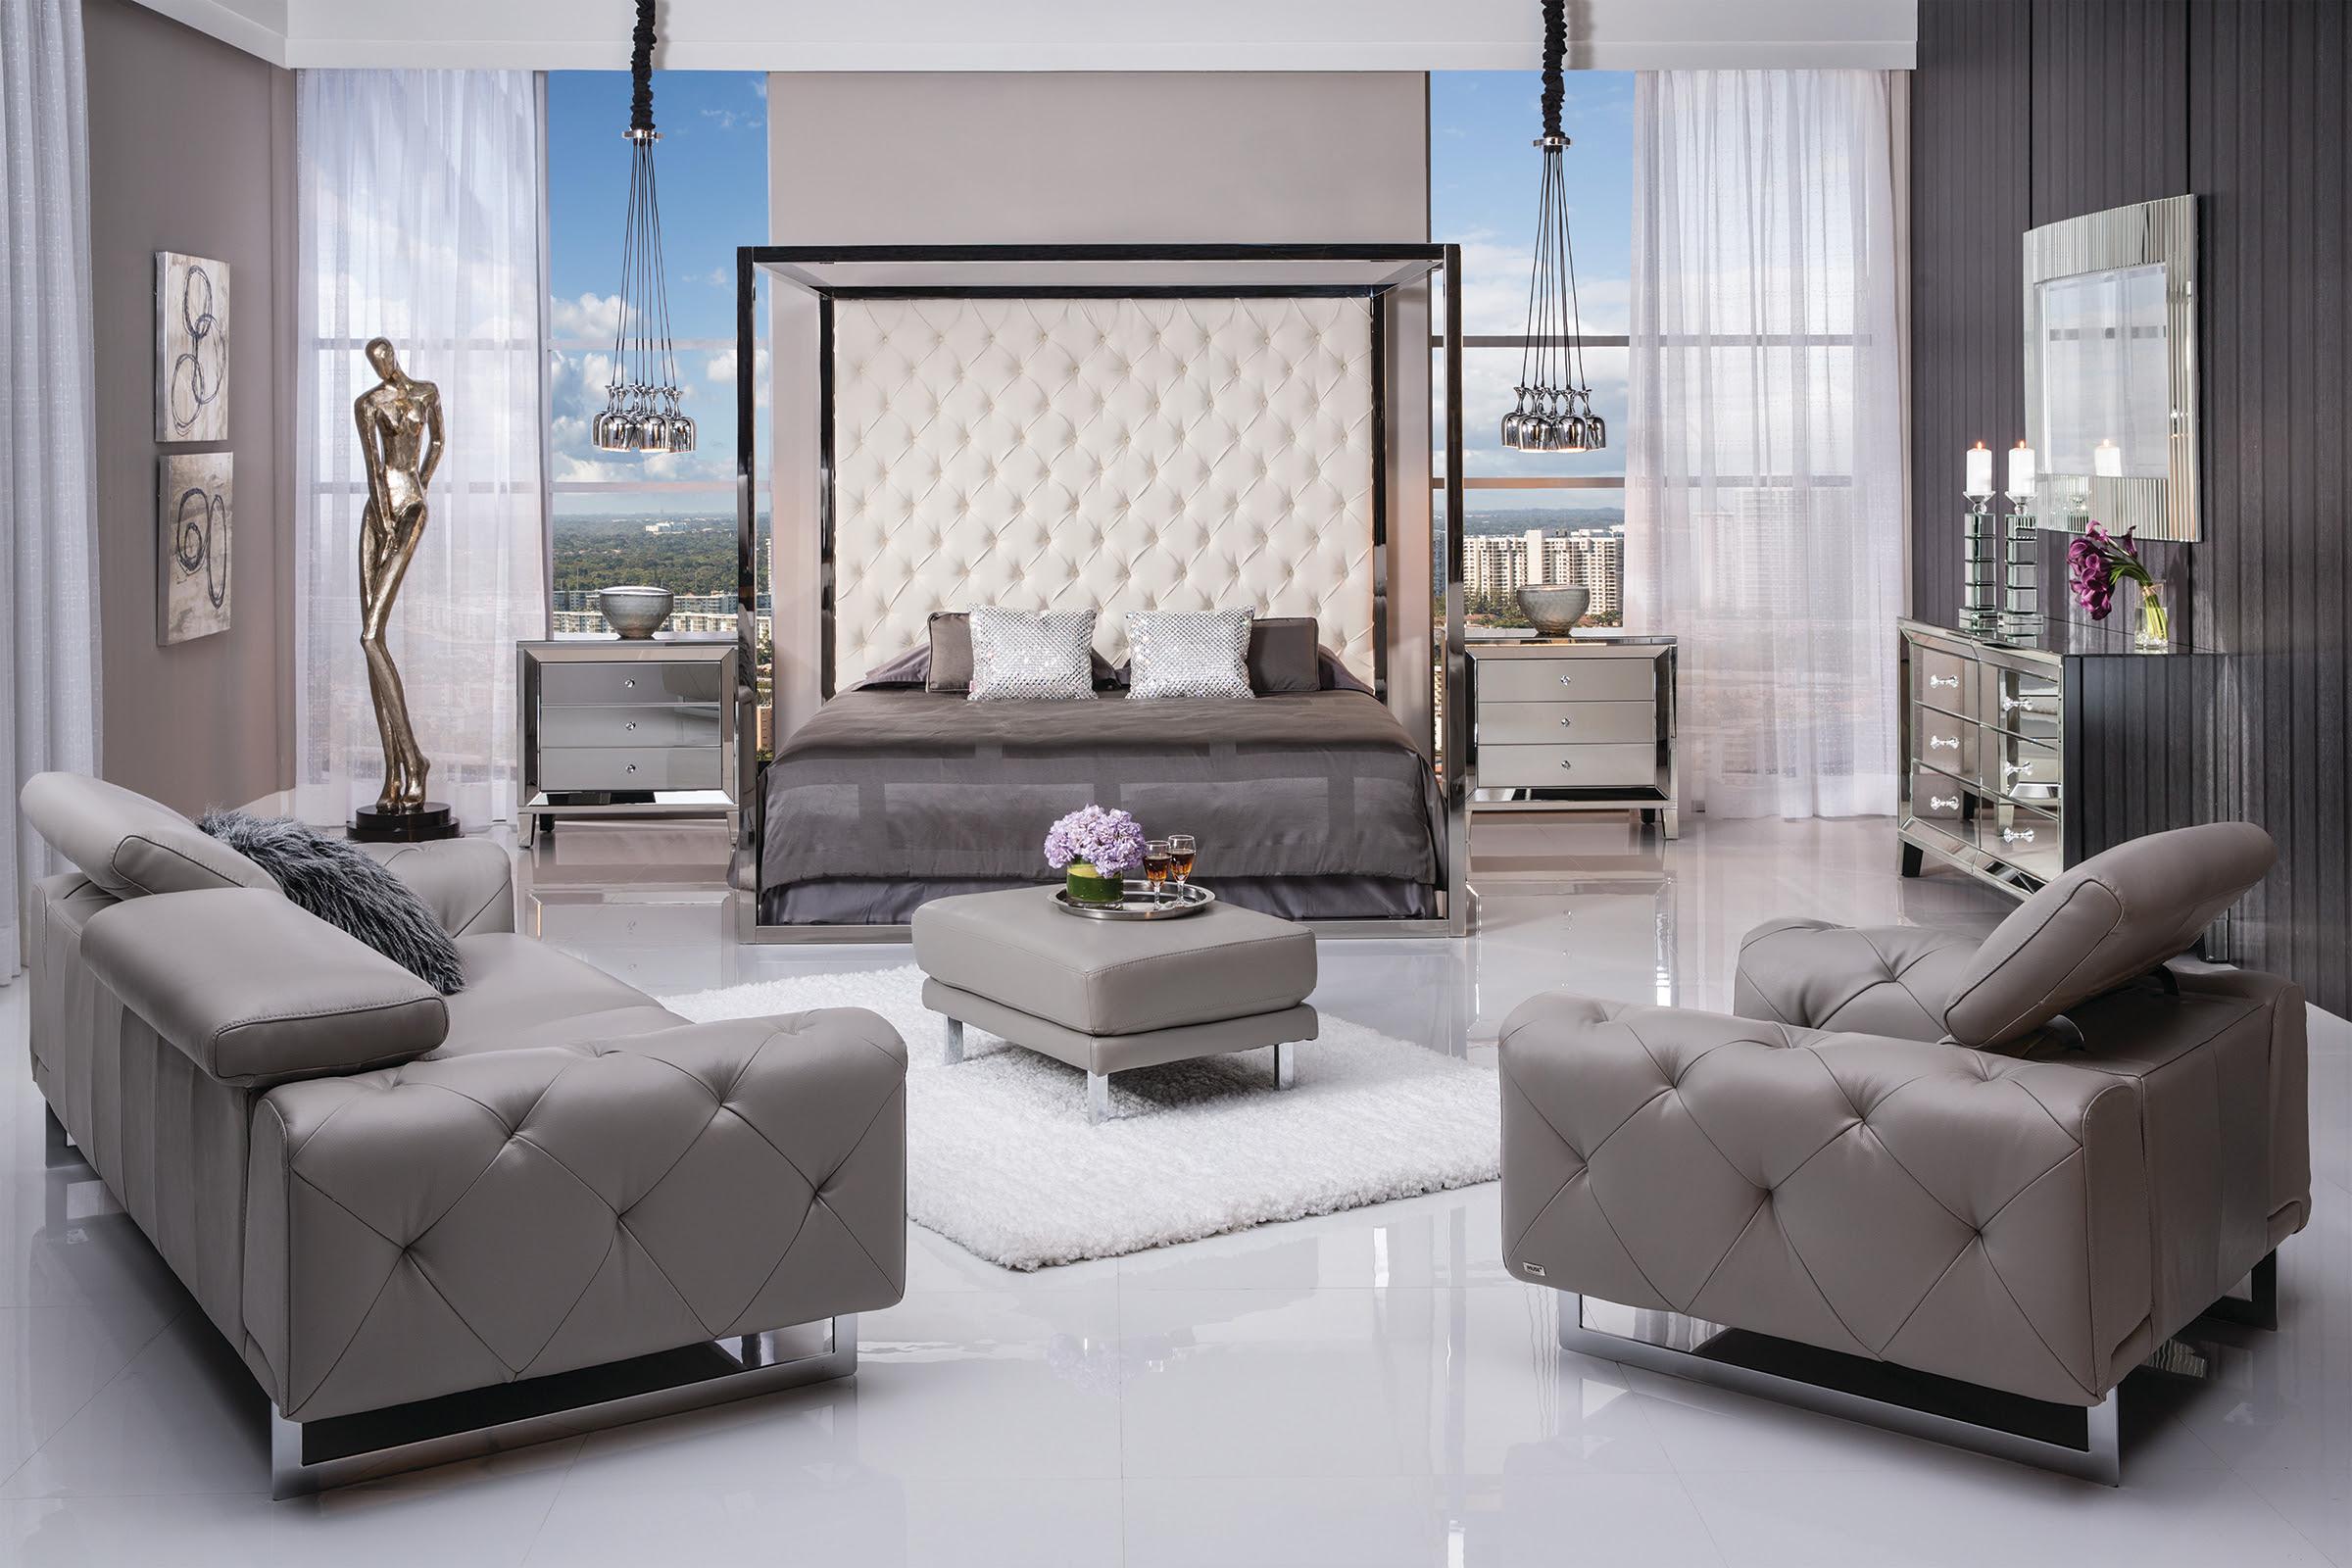 Living Room Furniture El Dorado - Dream House